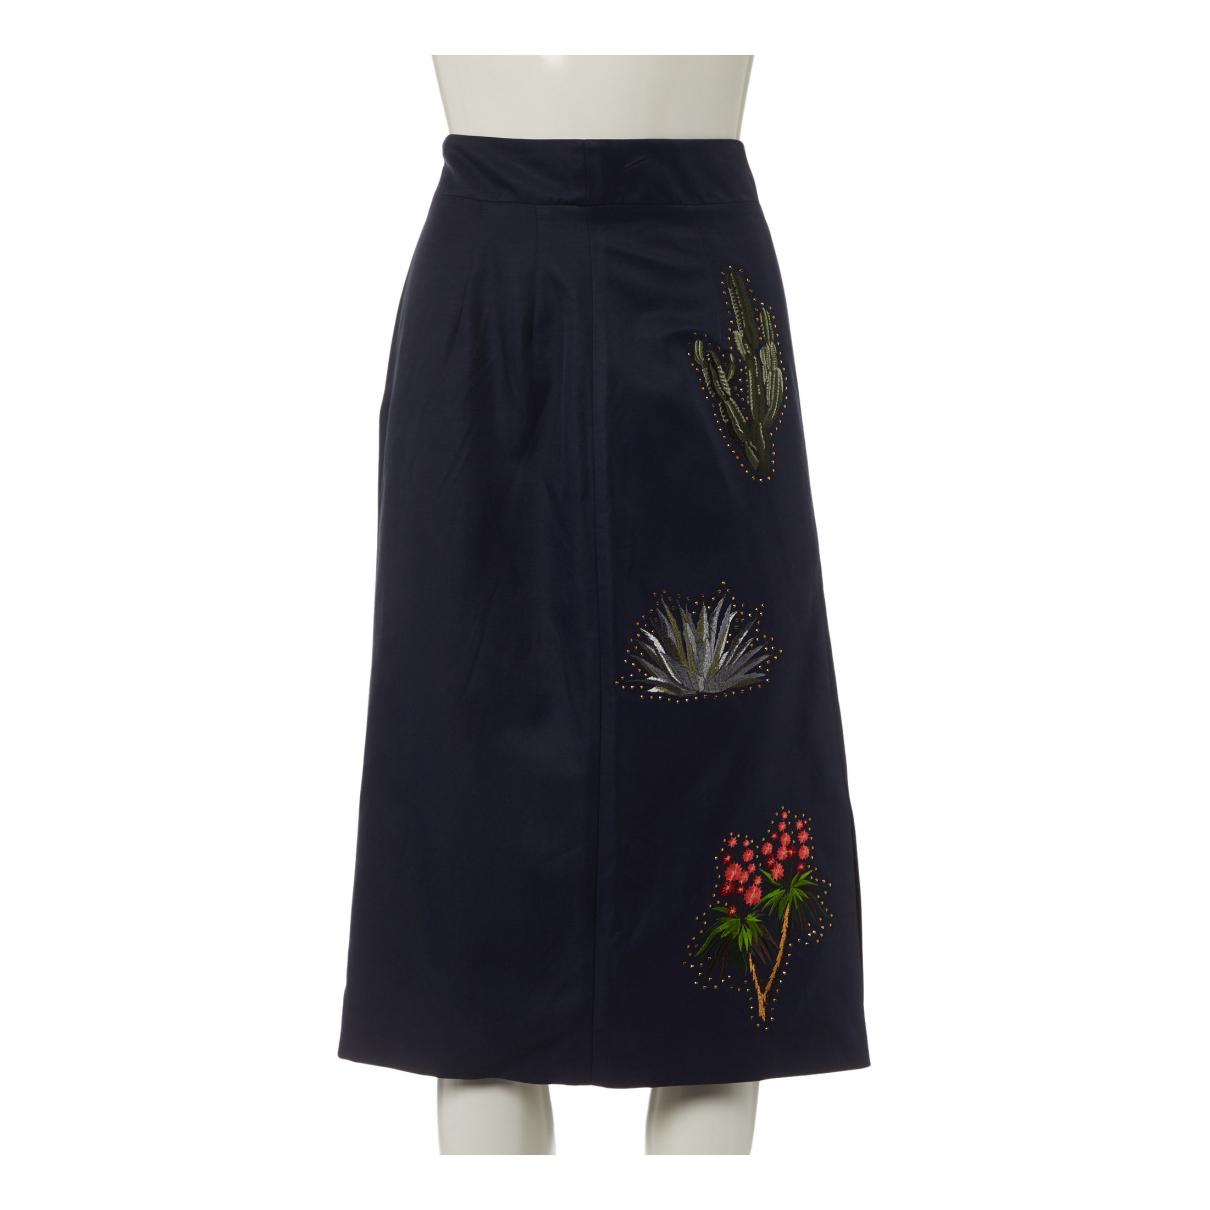 Stella Mccartney N Navy skirt for Women 38 IT